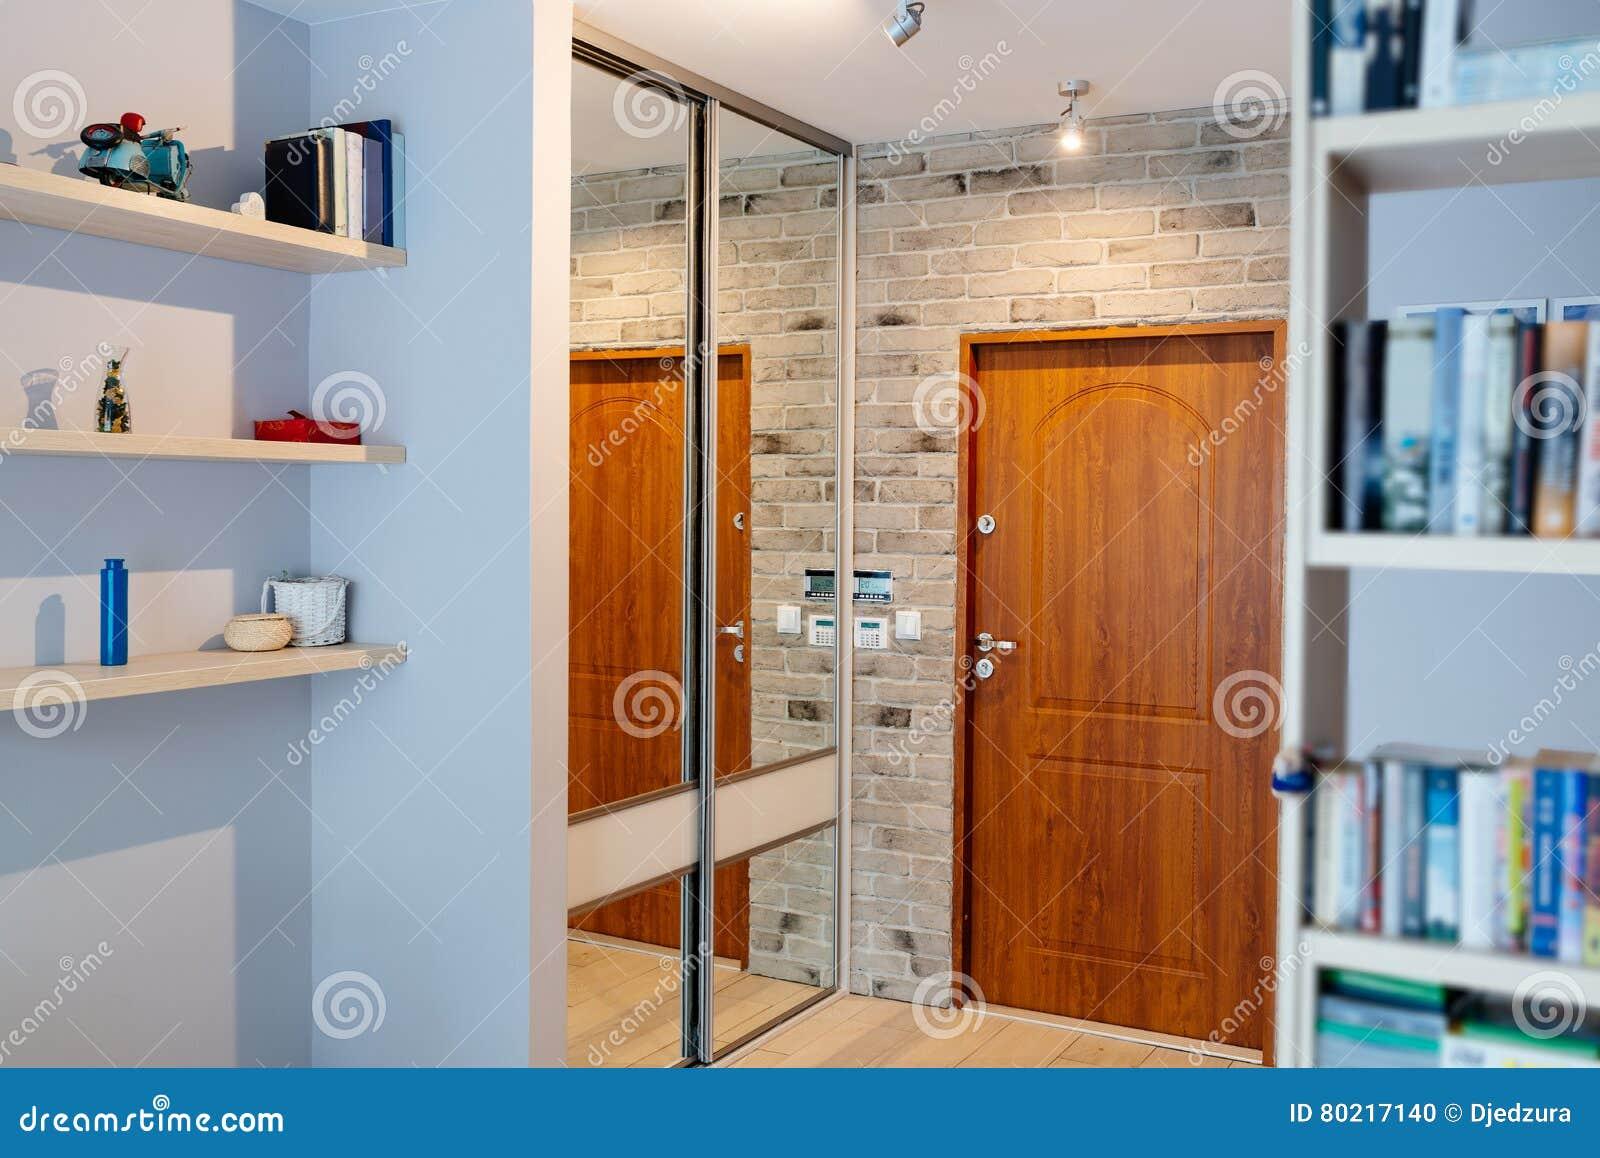 Hal in moderne flat met spiegelgarderobe stock foto afbeelding